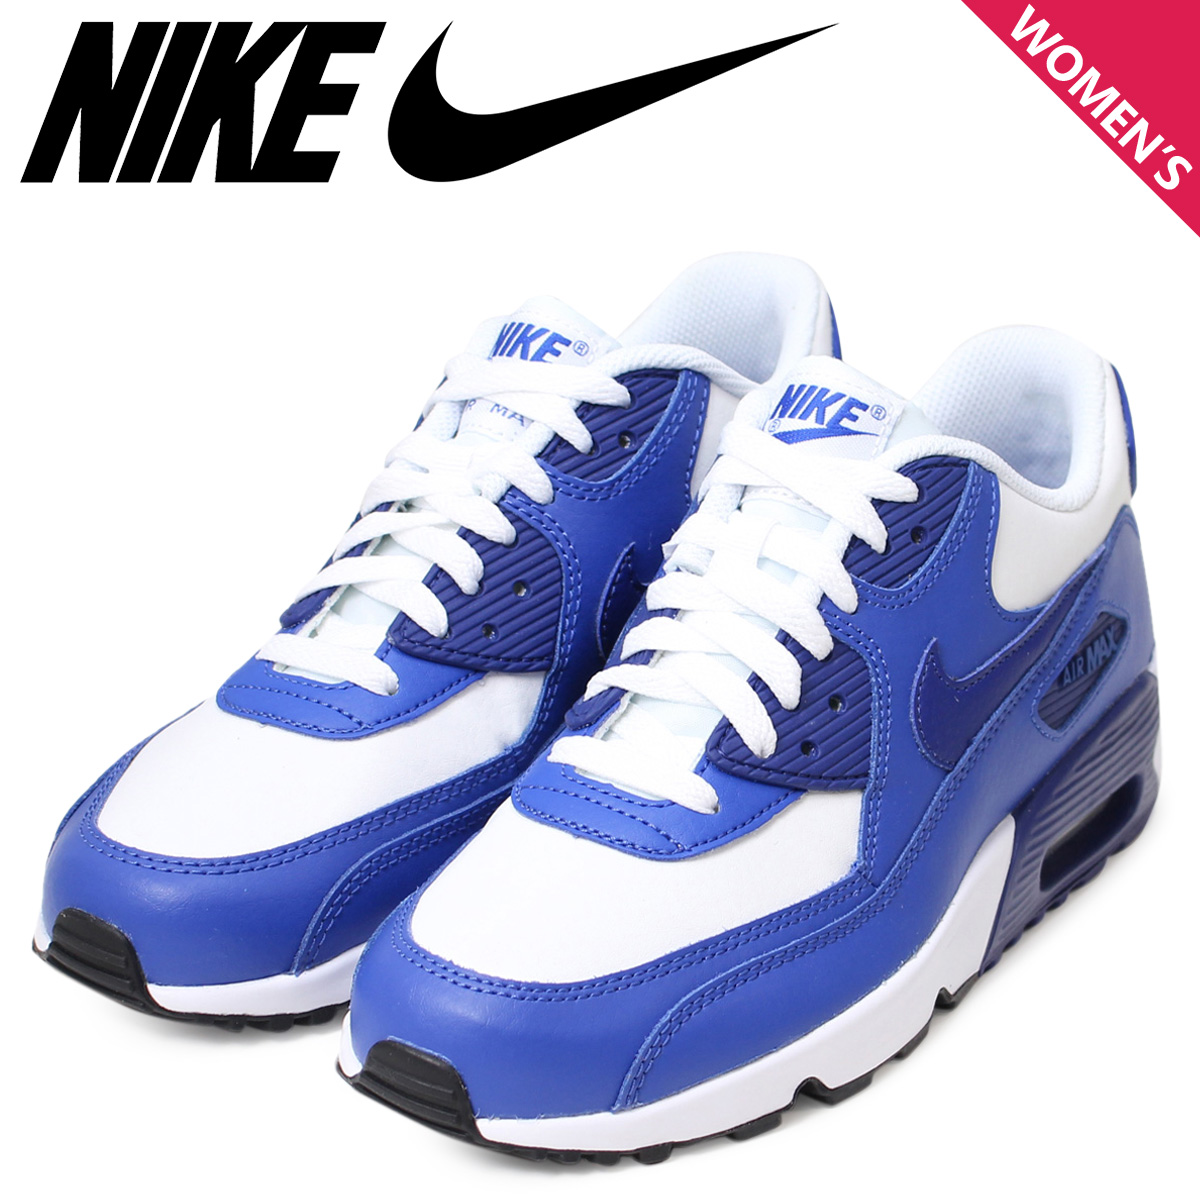 meilleure sélection a62e9 31f40 Nike NIKE Air Max Lady's sneakers AIR MAX 90 LTR GS Air Max 833,412-105  shoes white [1/13 Shinnyu load]